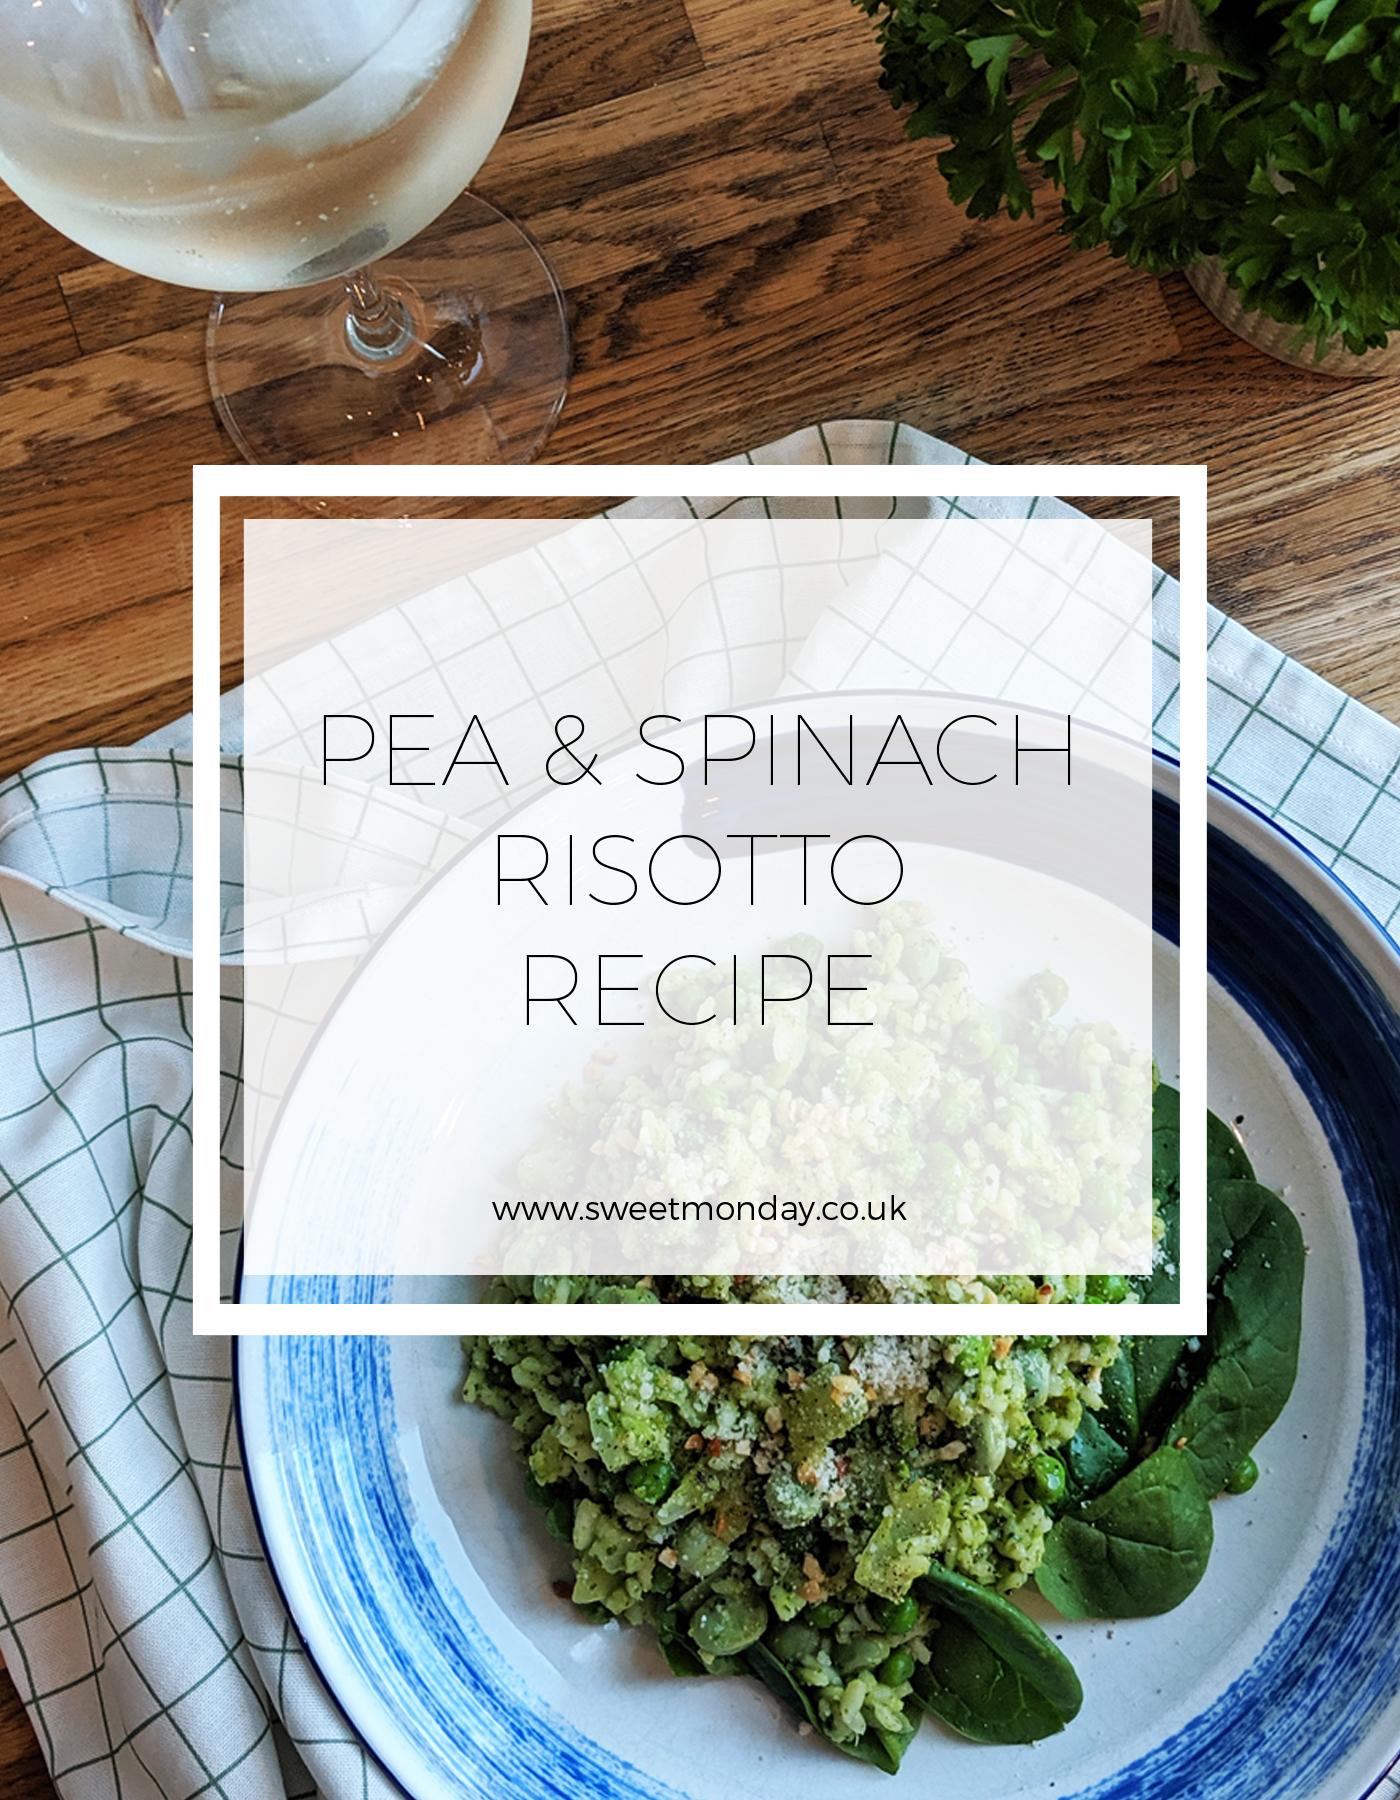 Pea & Spinach Risotto Recipe